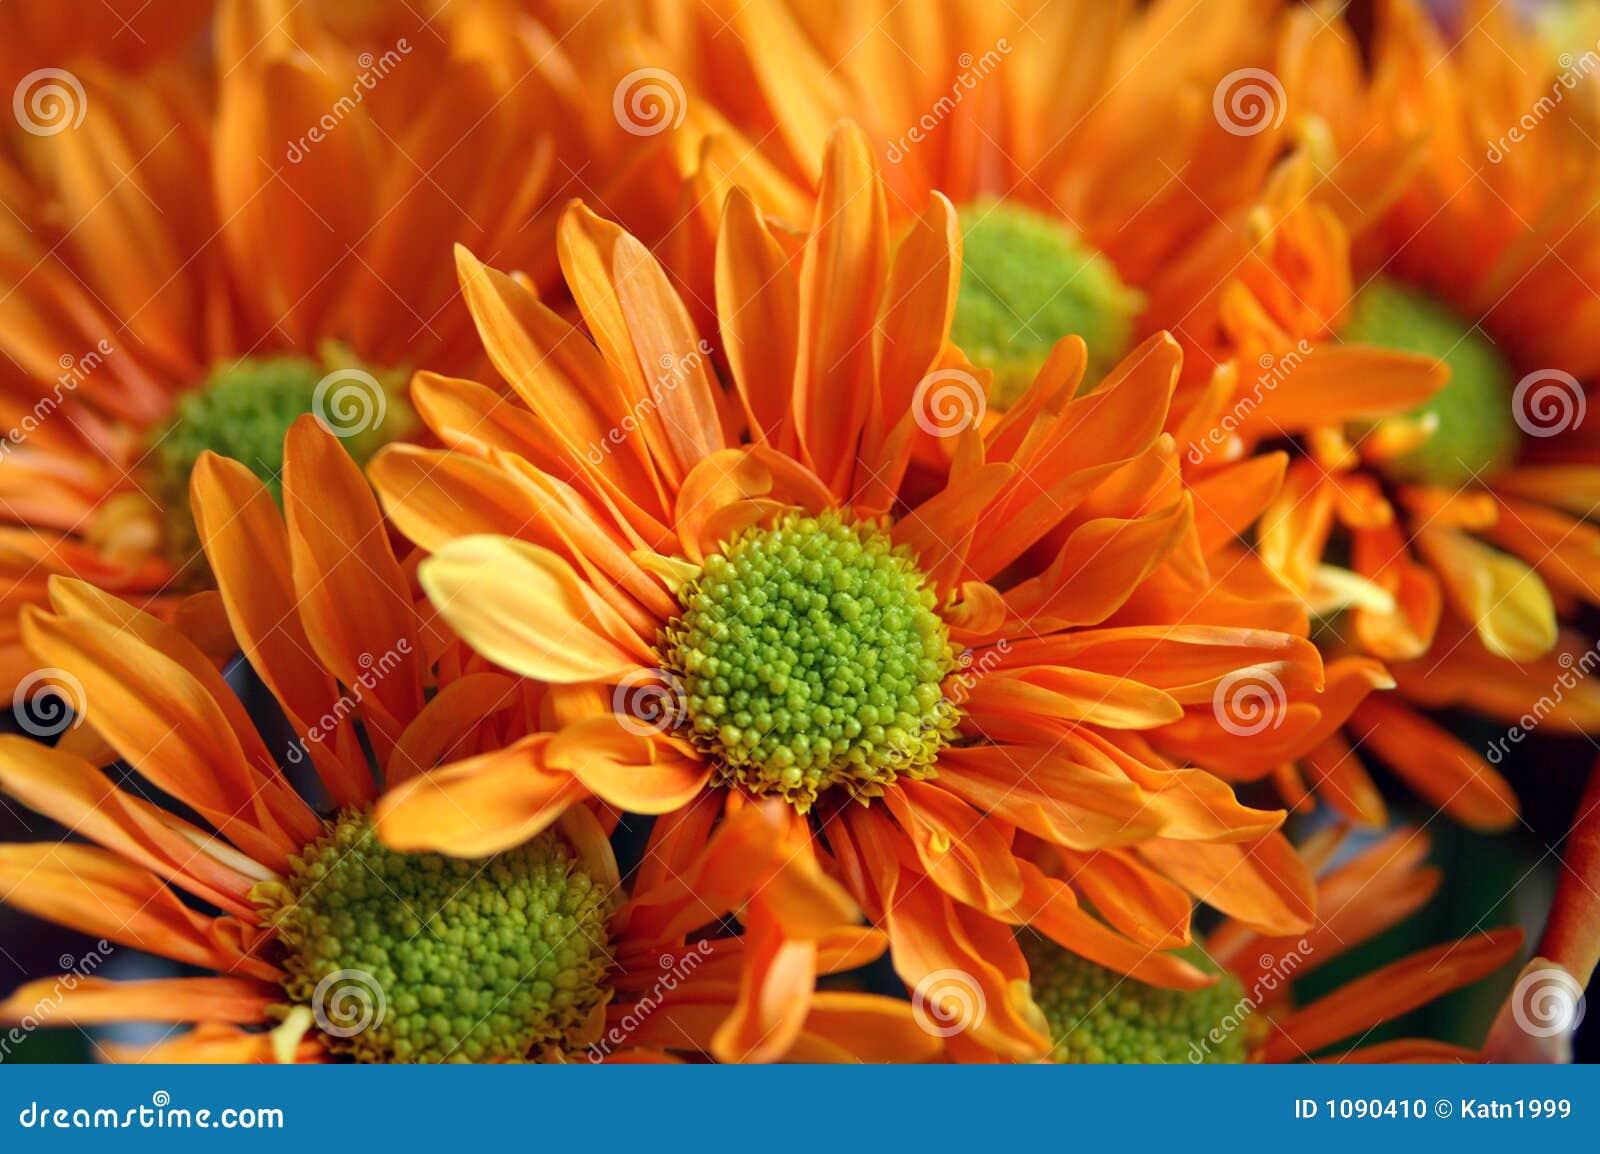 Fiori Arancioni.Fiori Arancioni Fotografia Stock Immagine Di Regali Bello 1090410